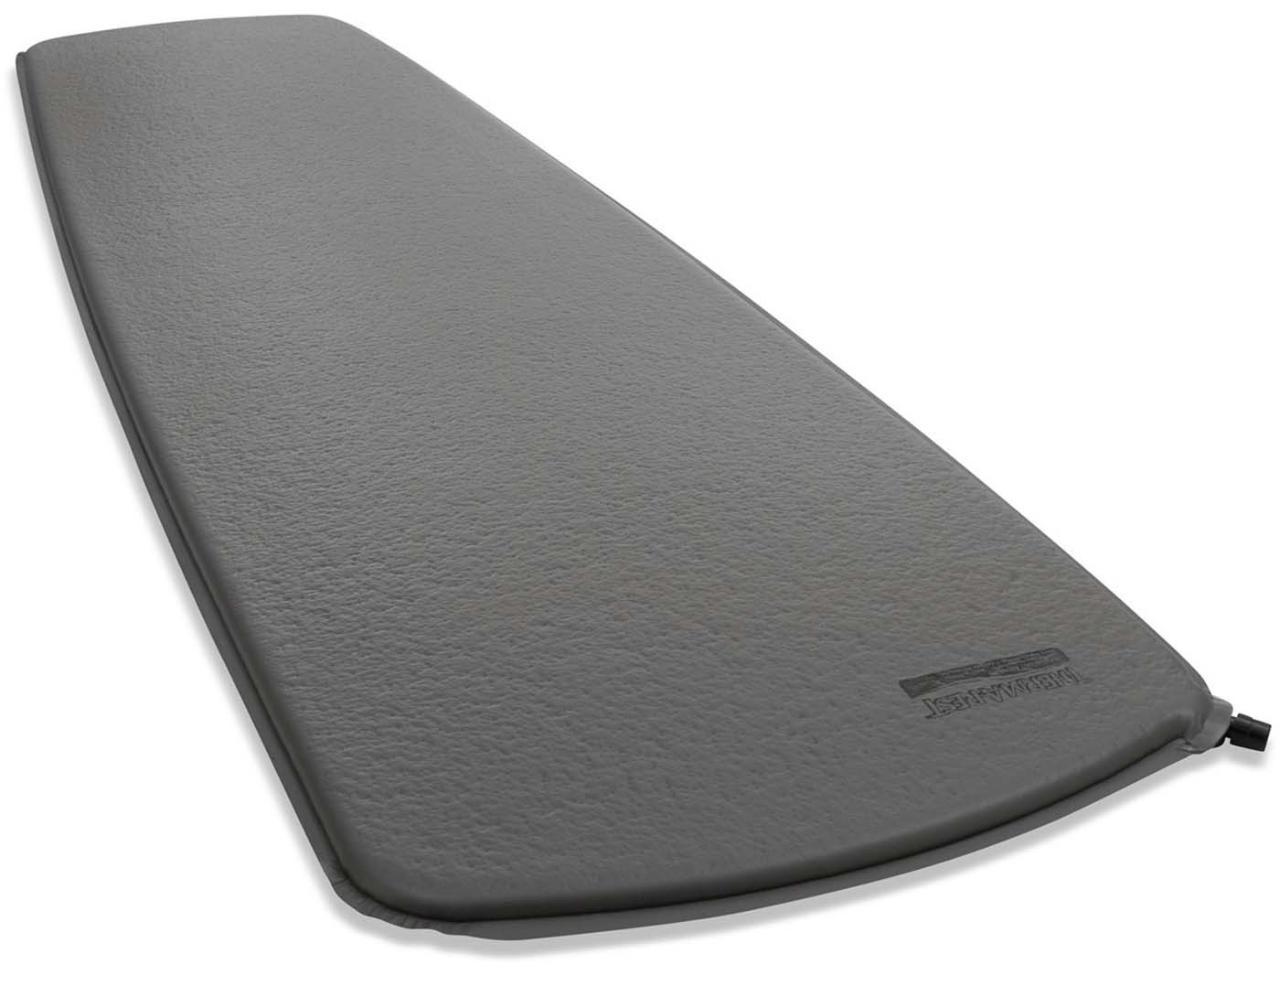 Sleeping Mat - 3.8cm Self-Inflating